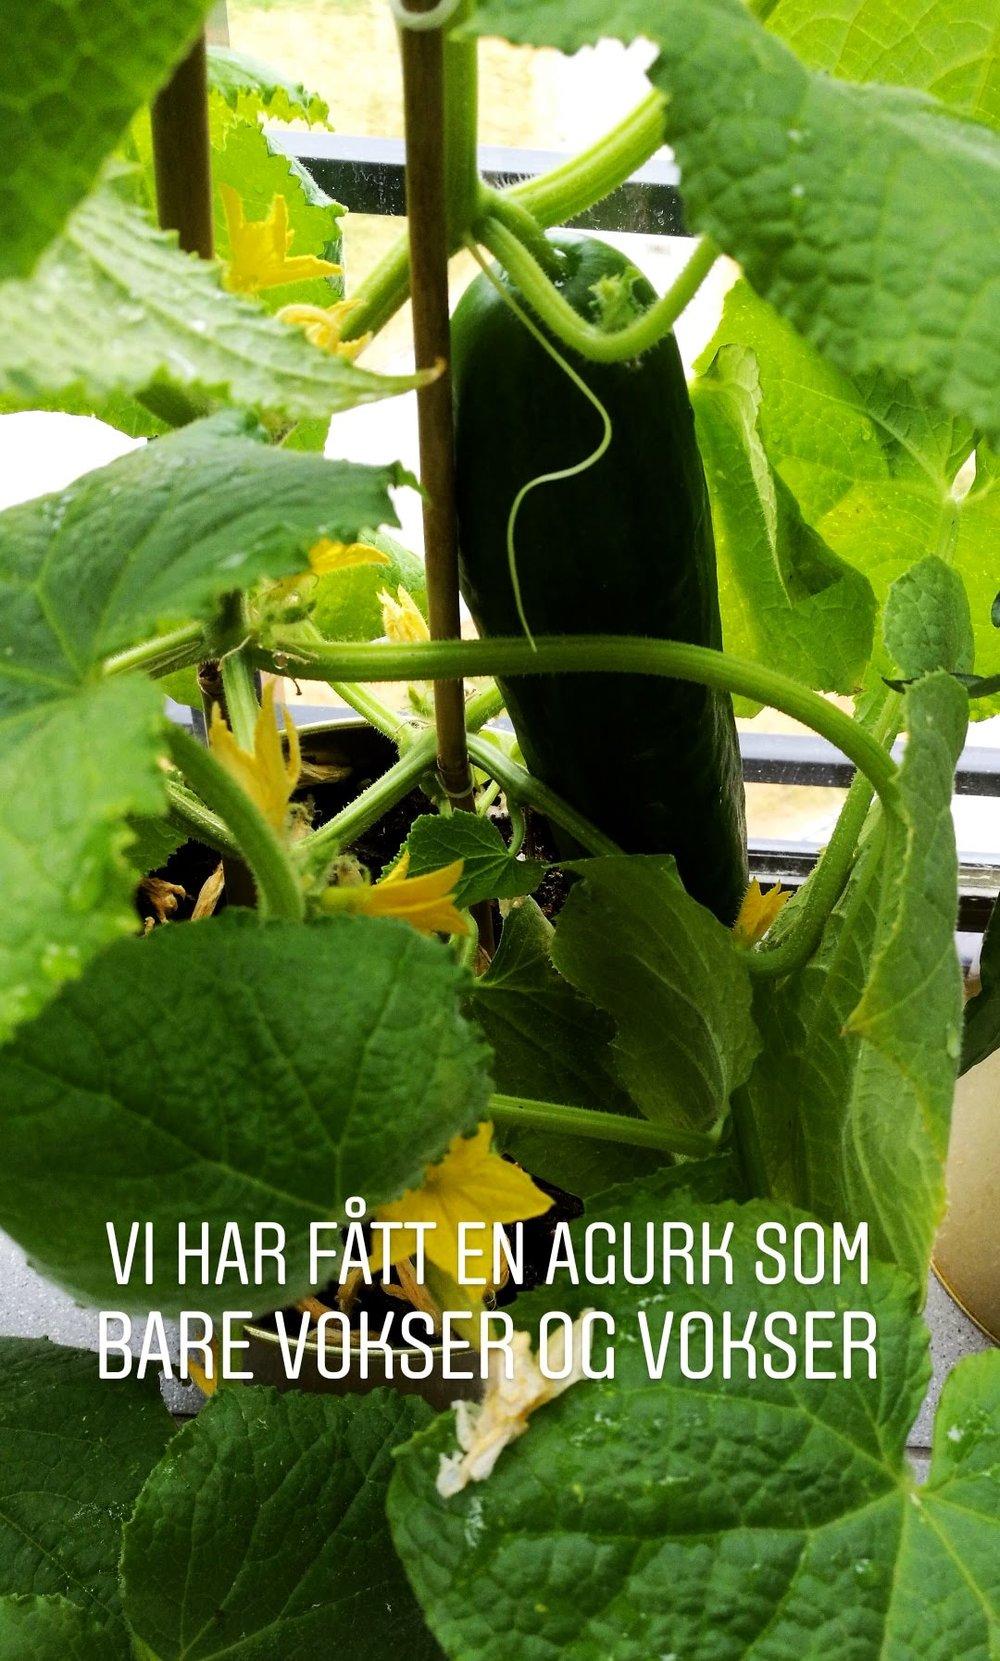 Vi høstet vår første agurk! Den smakte selvfølgelig himmelsk. I skrivende stund har vi  kanskje 14 agurker som er like store, mon tro hvordan vi skal få spist alle de.